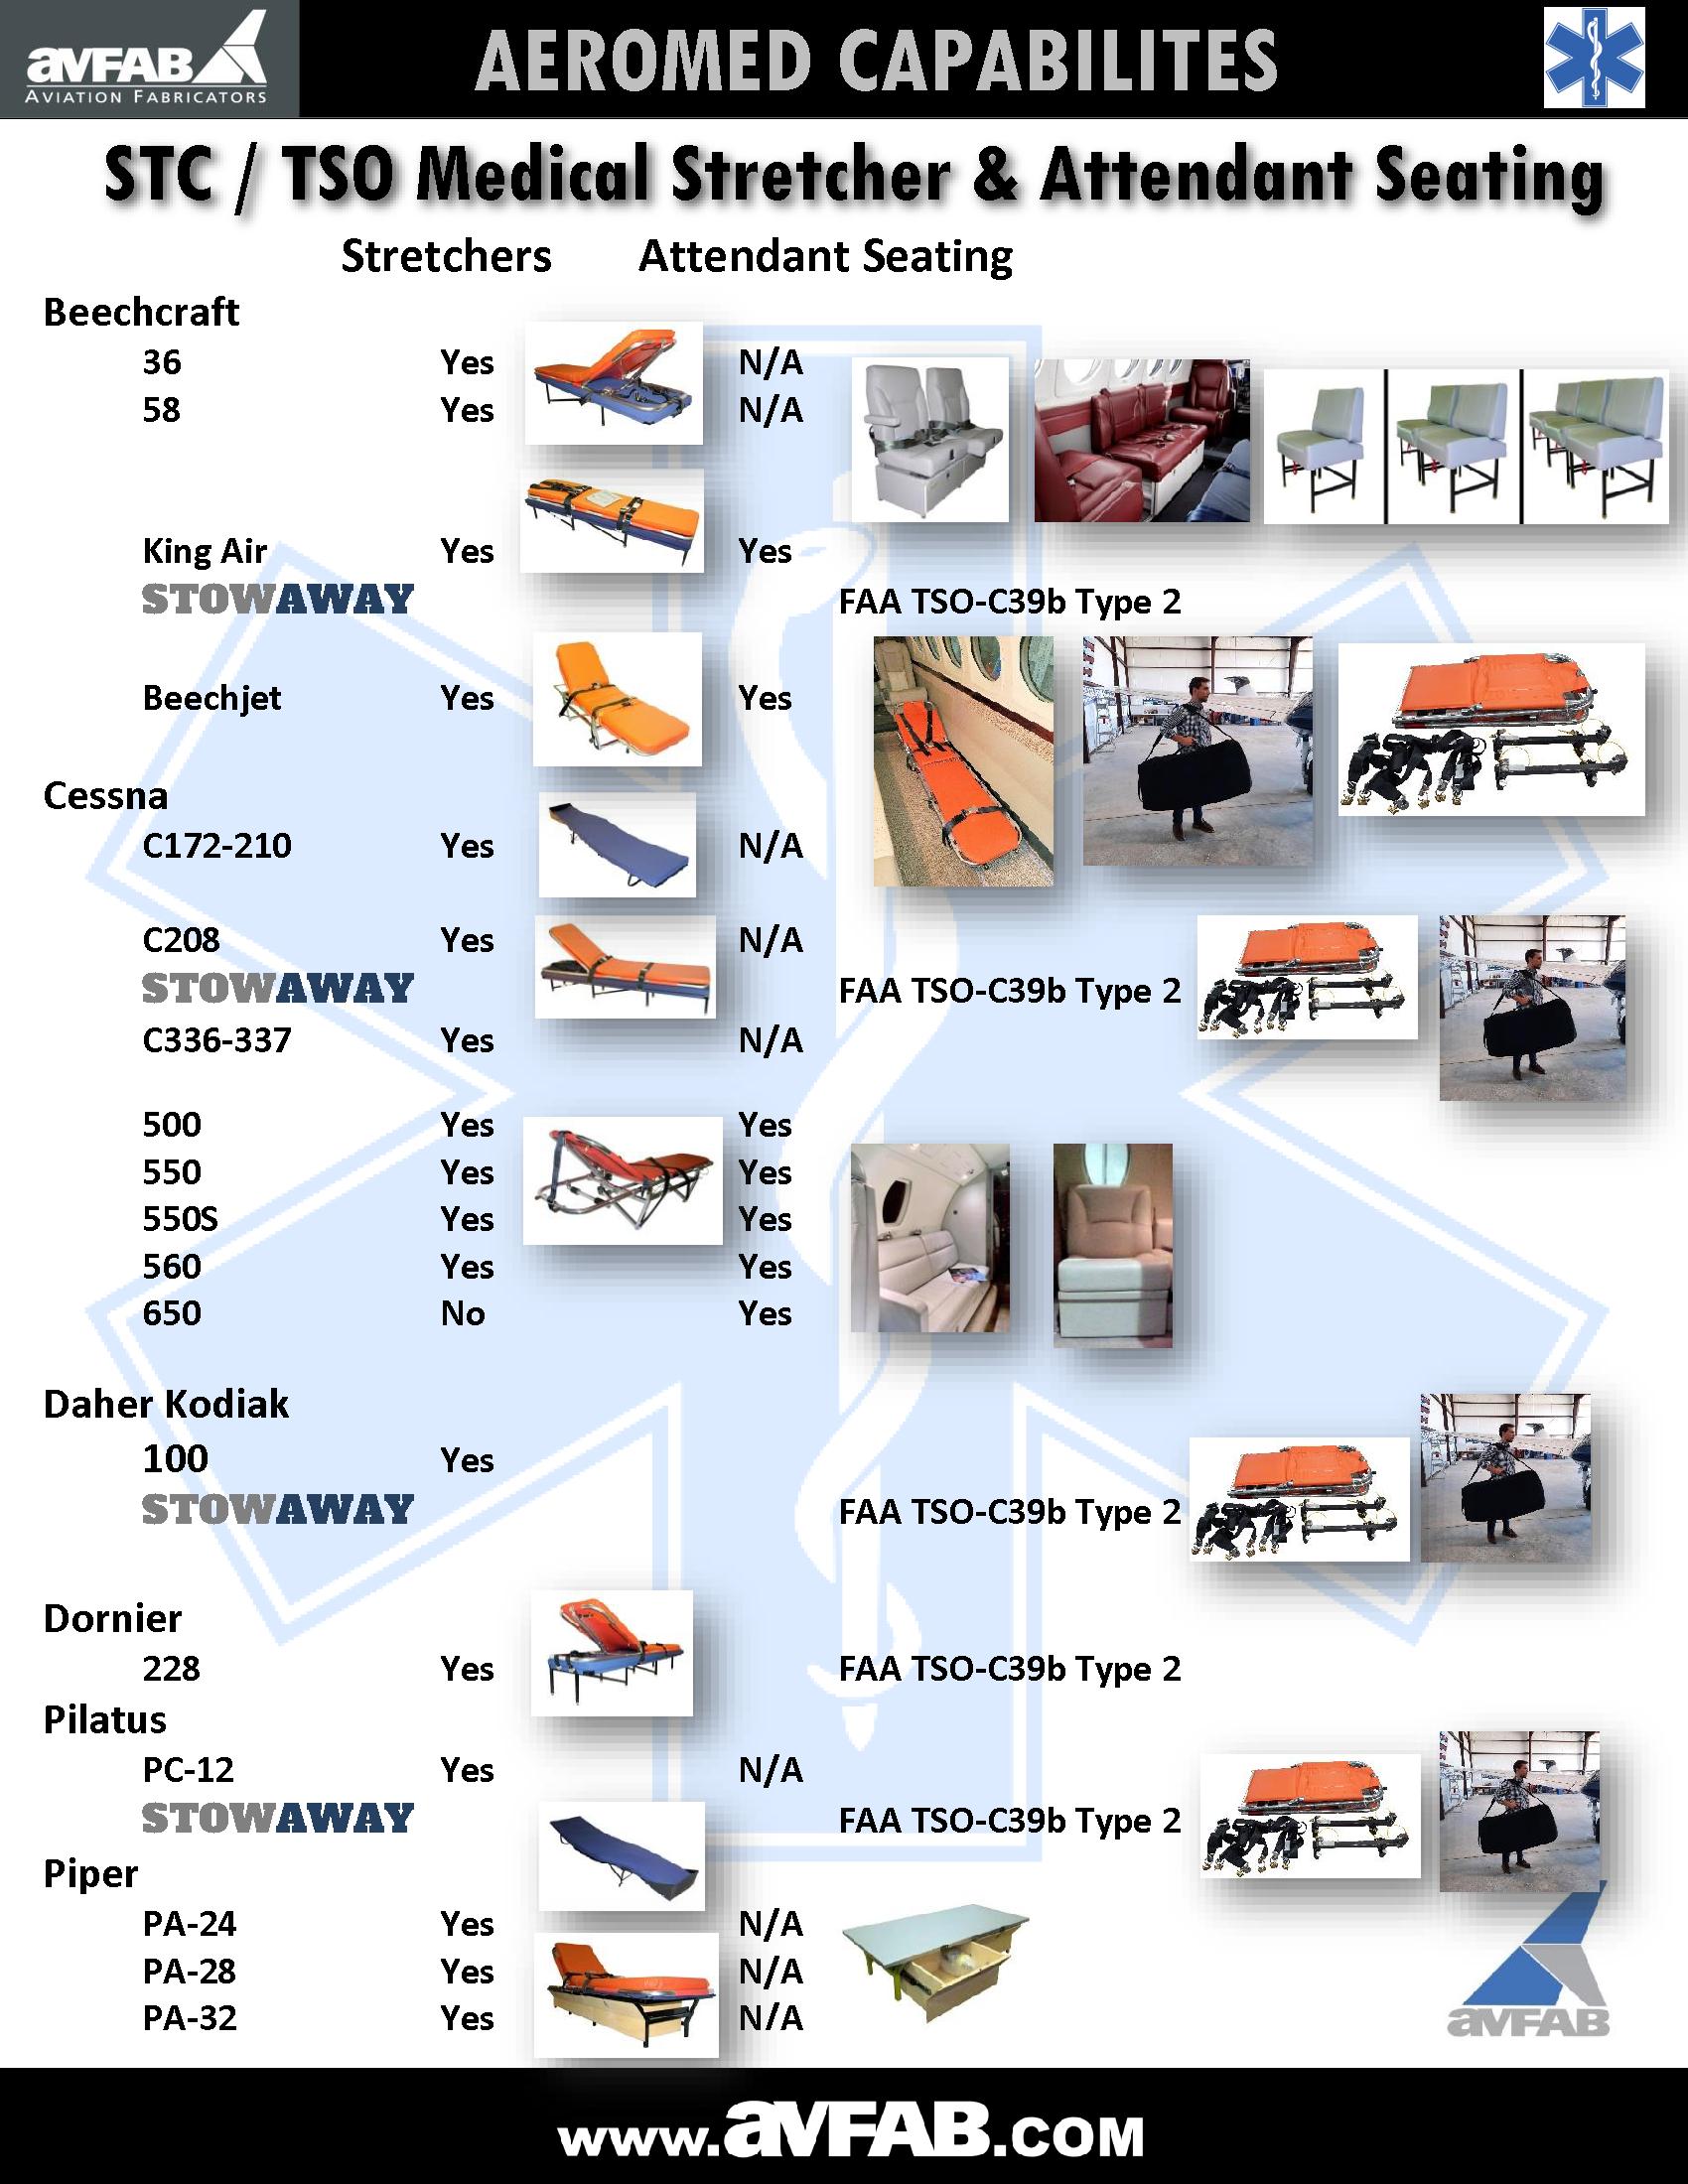 AvFab Aeromed STC & TSO Applications